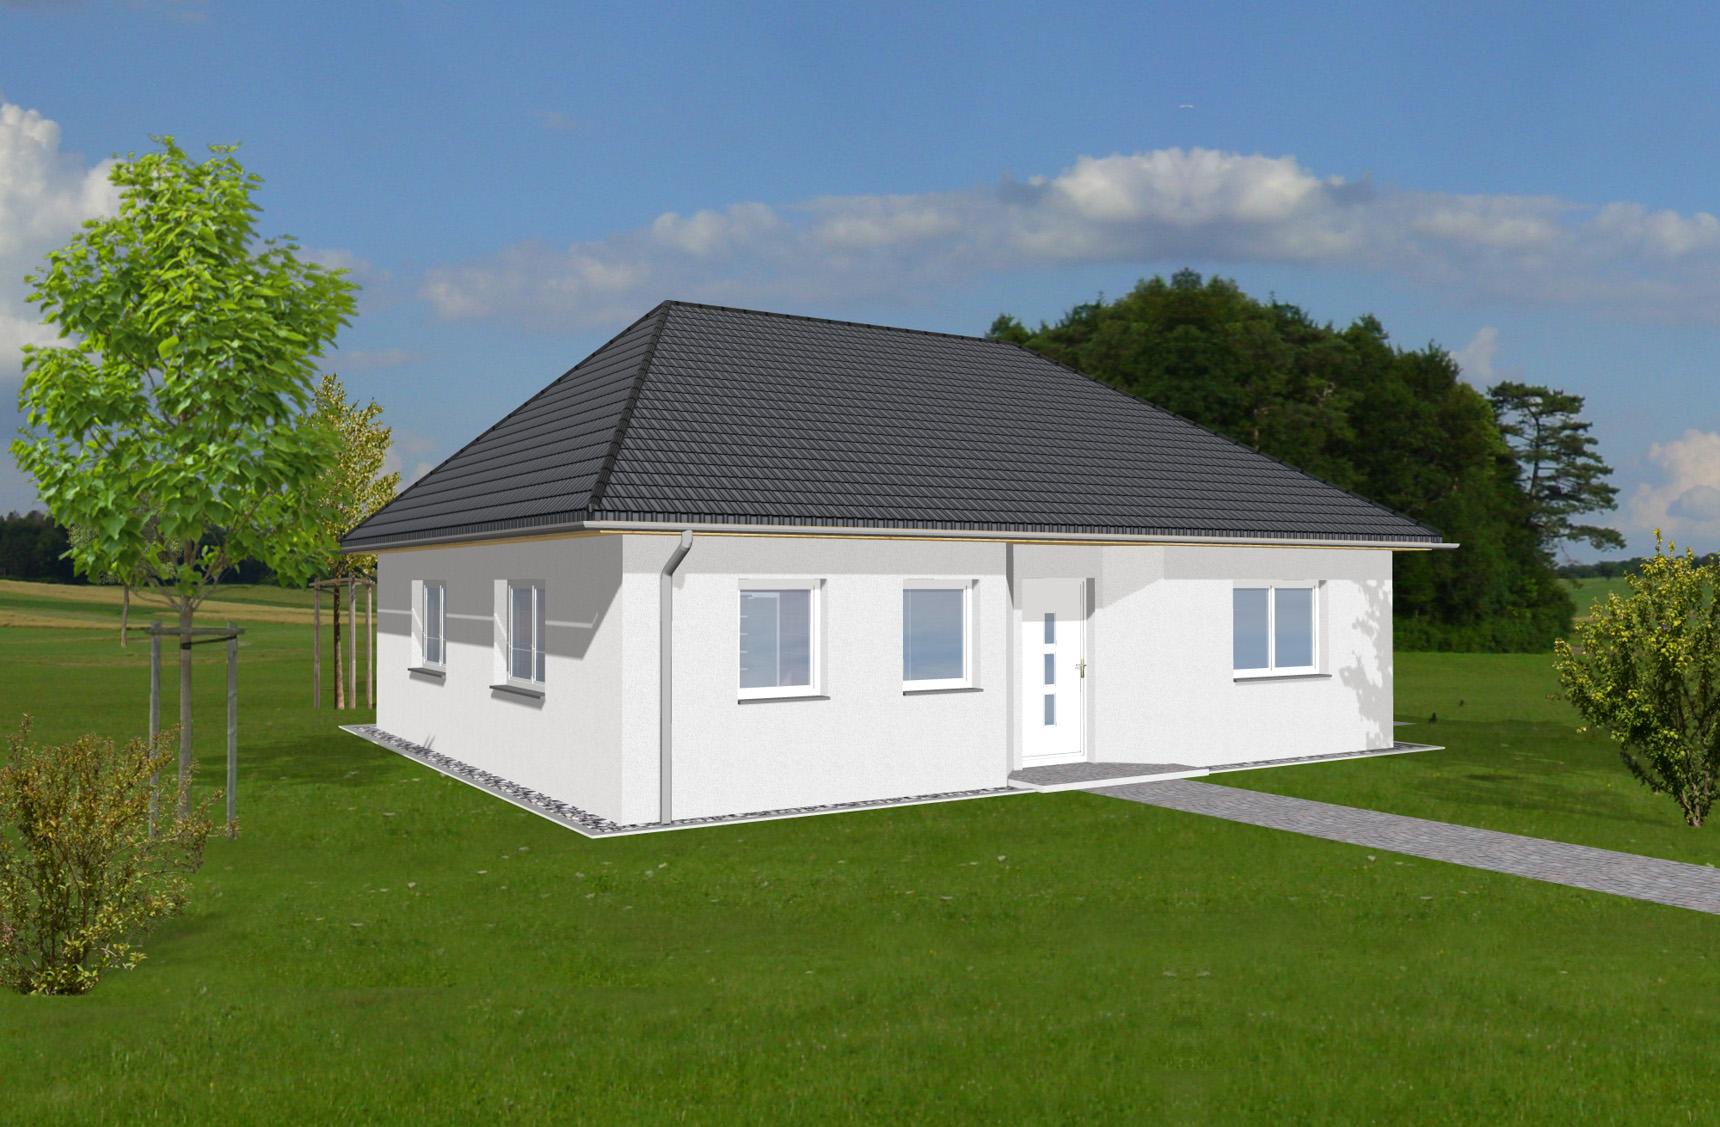 Typenhaus Regor - ALG Massivhaus GmbH Eingangsansicht